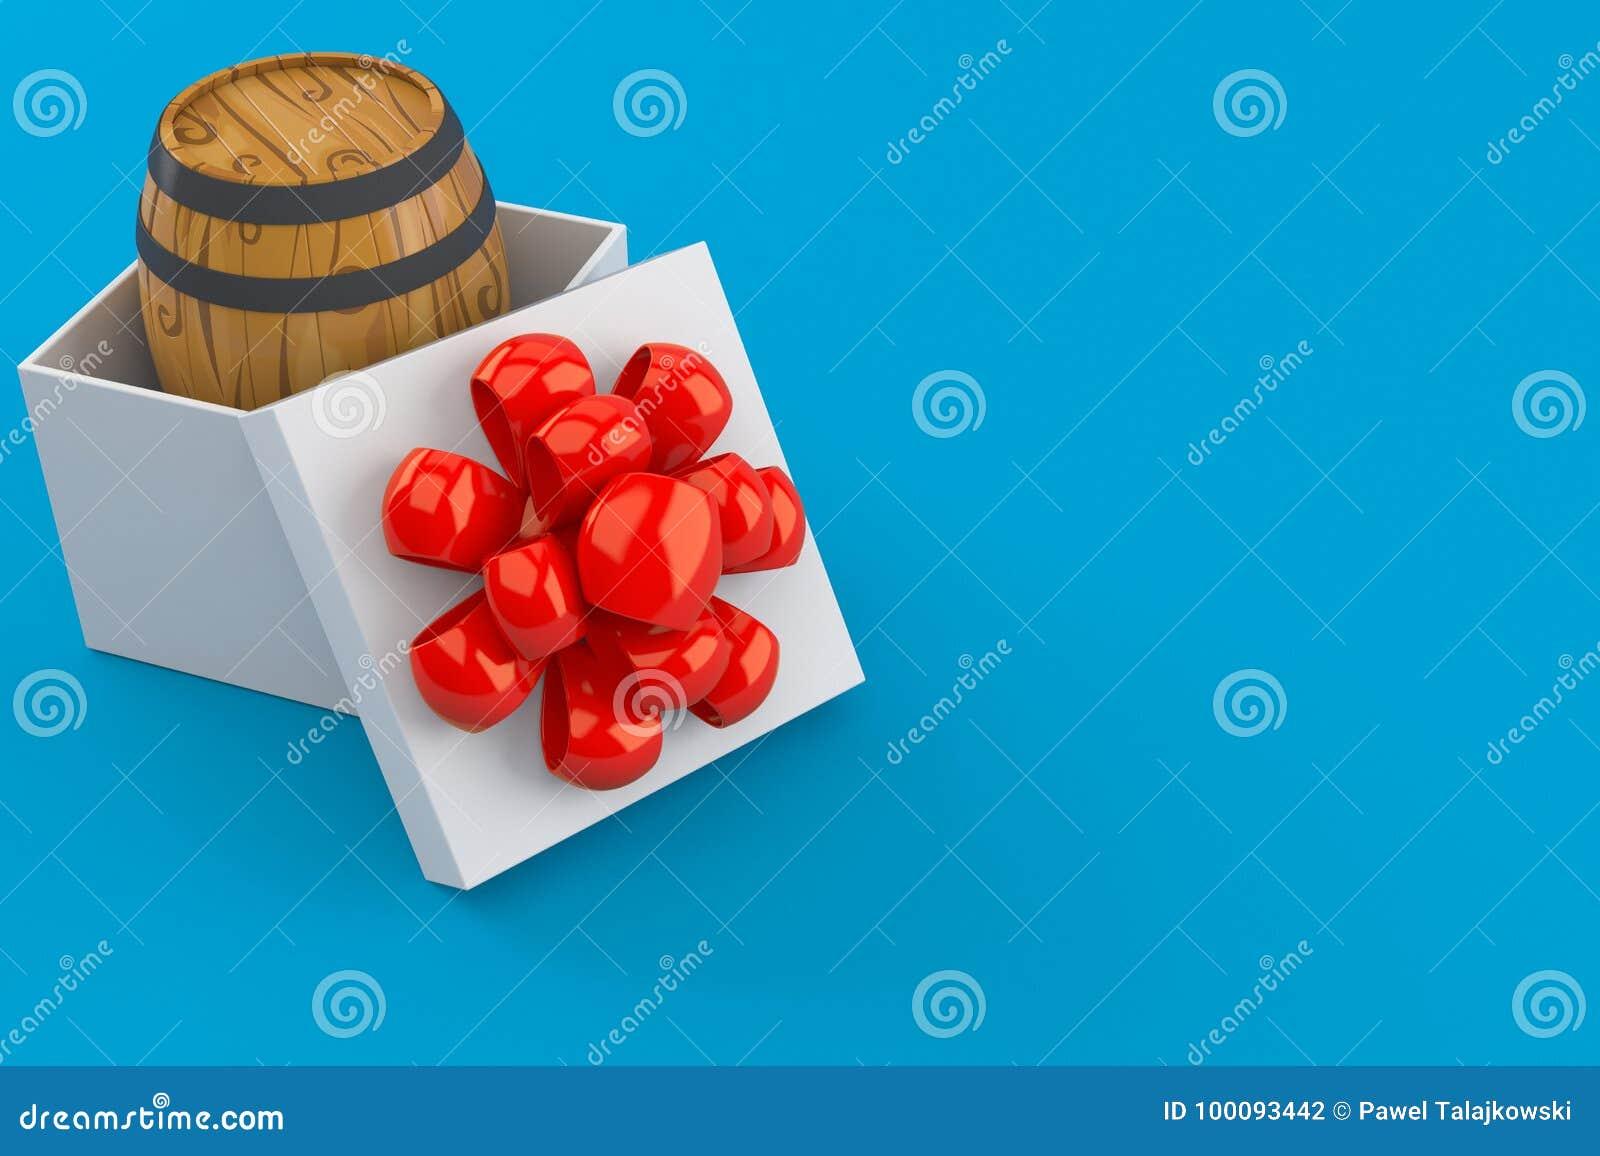 Cask inside gift